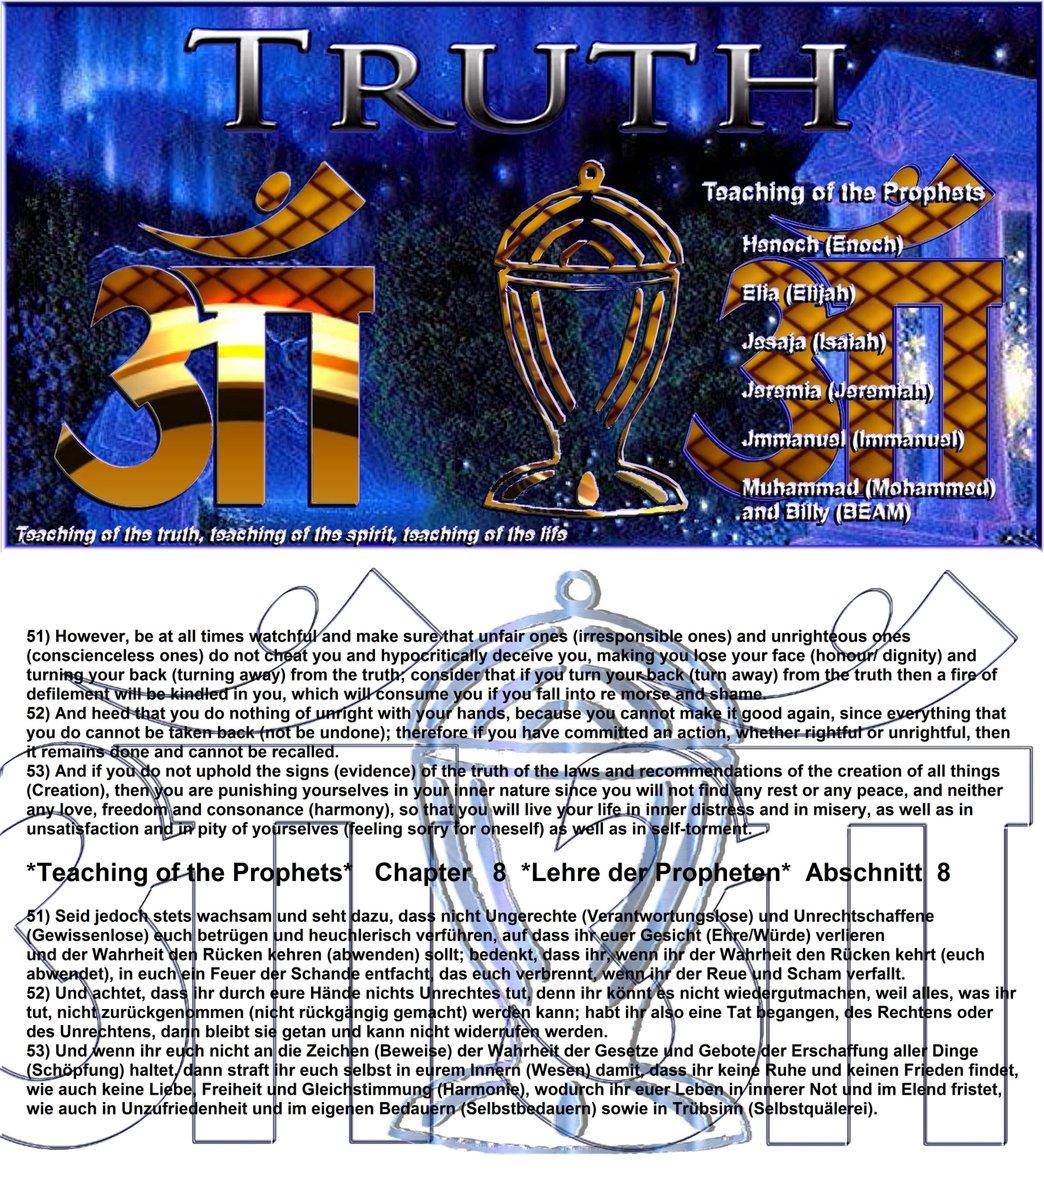 buy концепции современного естествознания биология 2000